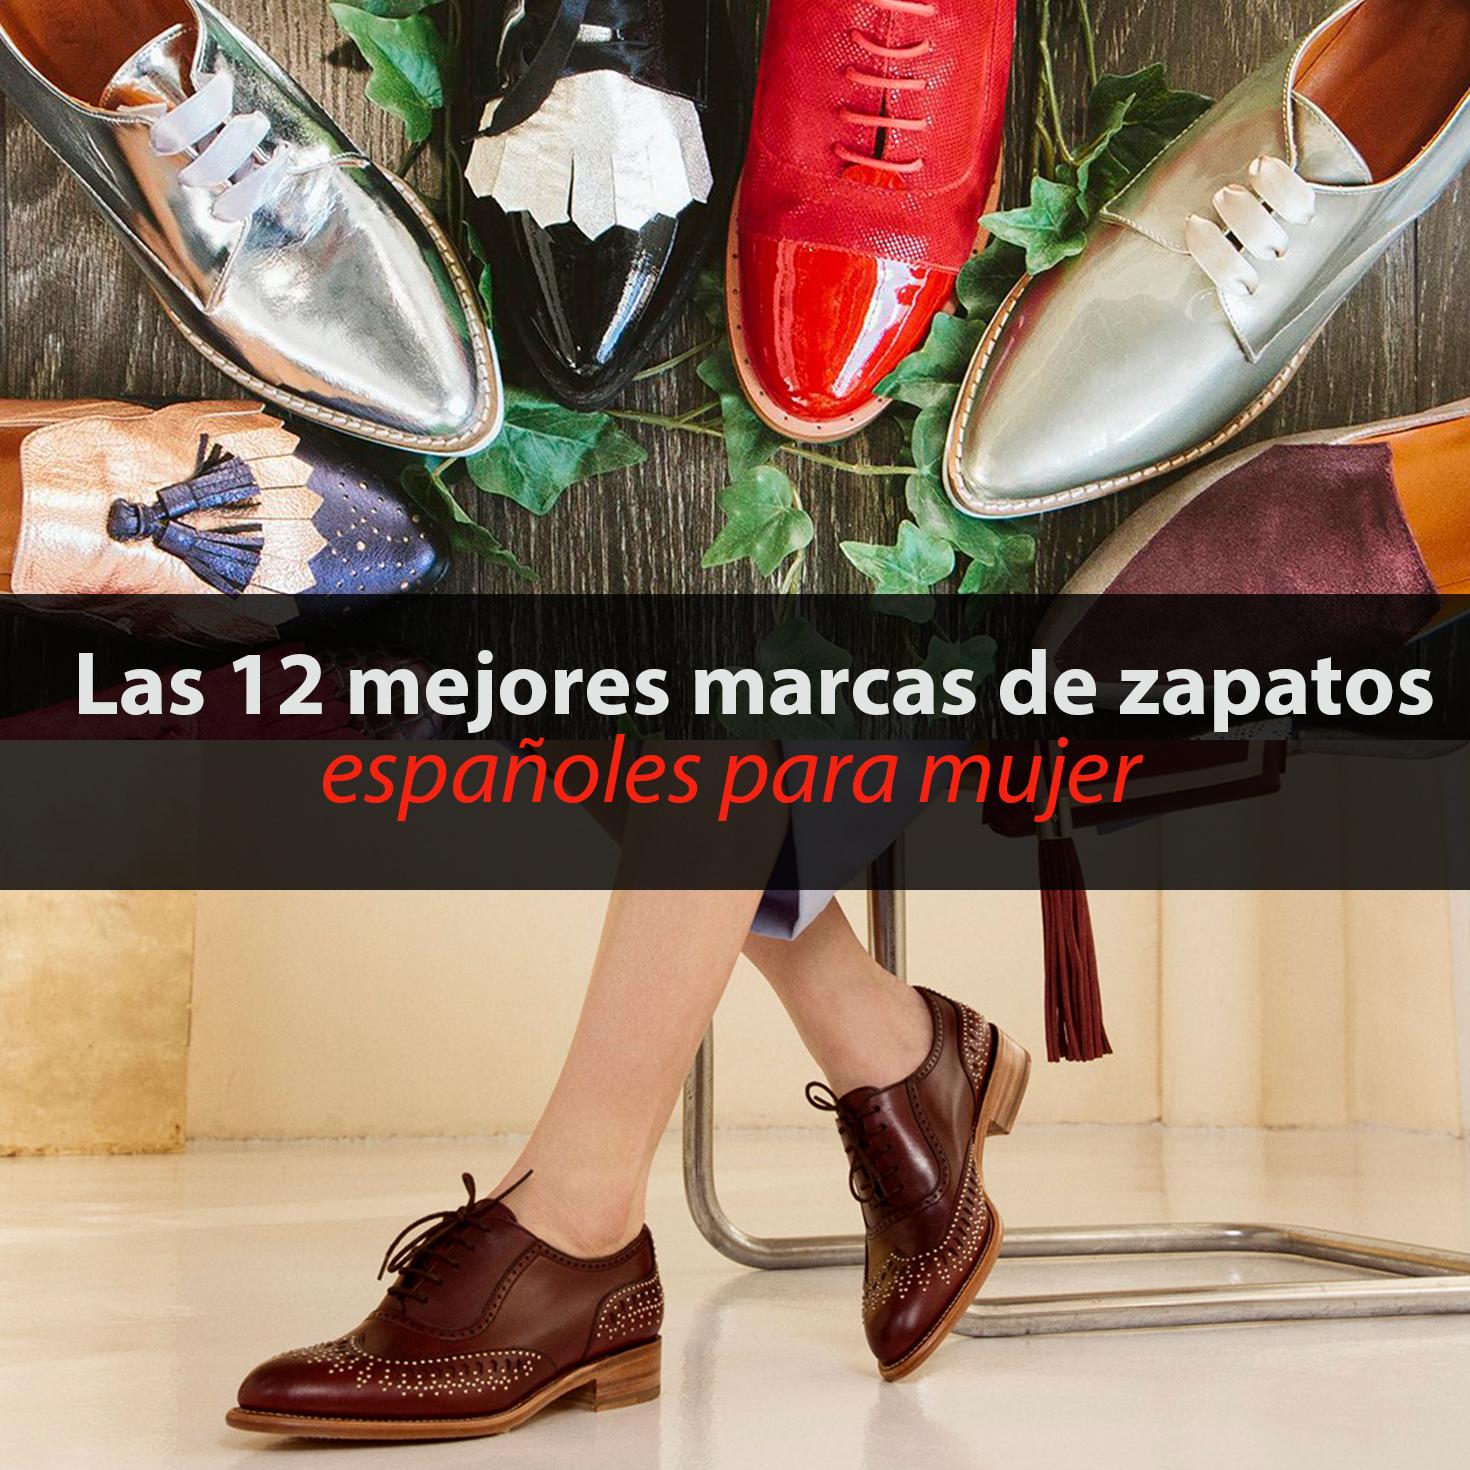 Zapatos Mejores Chicas 12 Para Españoles Métodos Las Marcas De 50zgqgwI